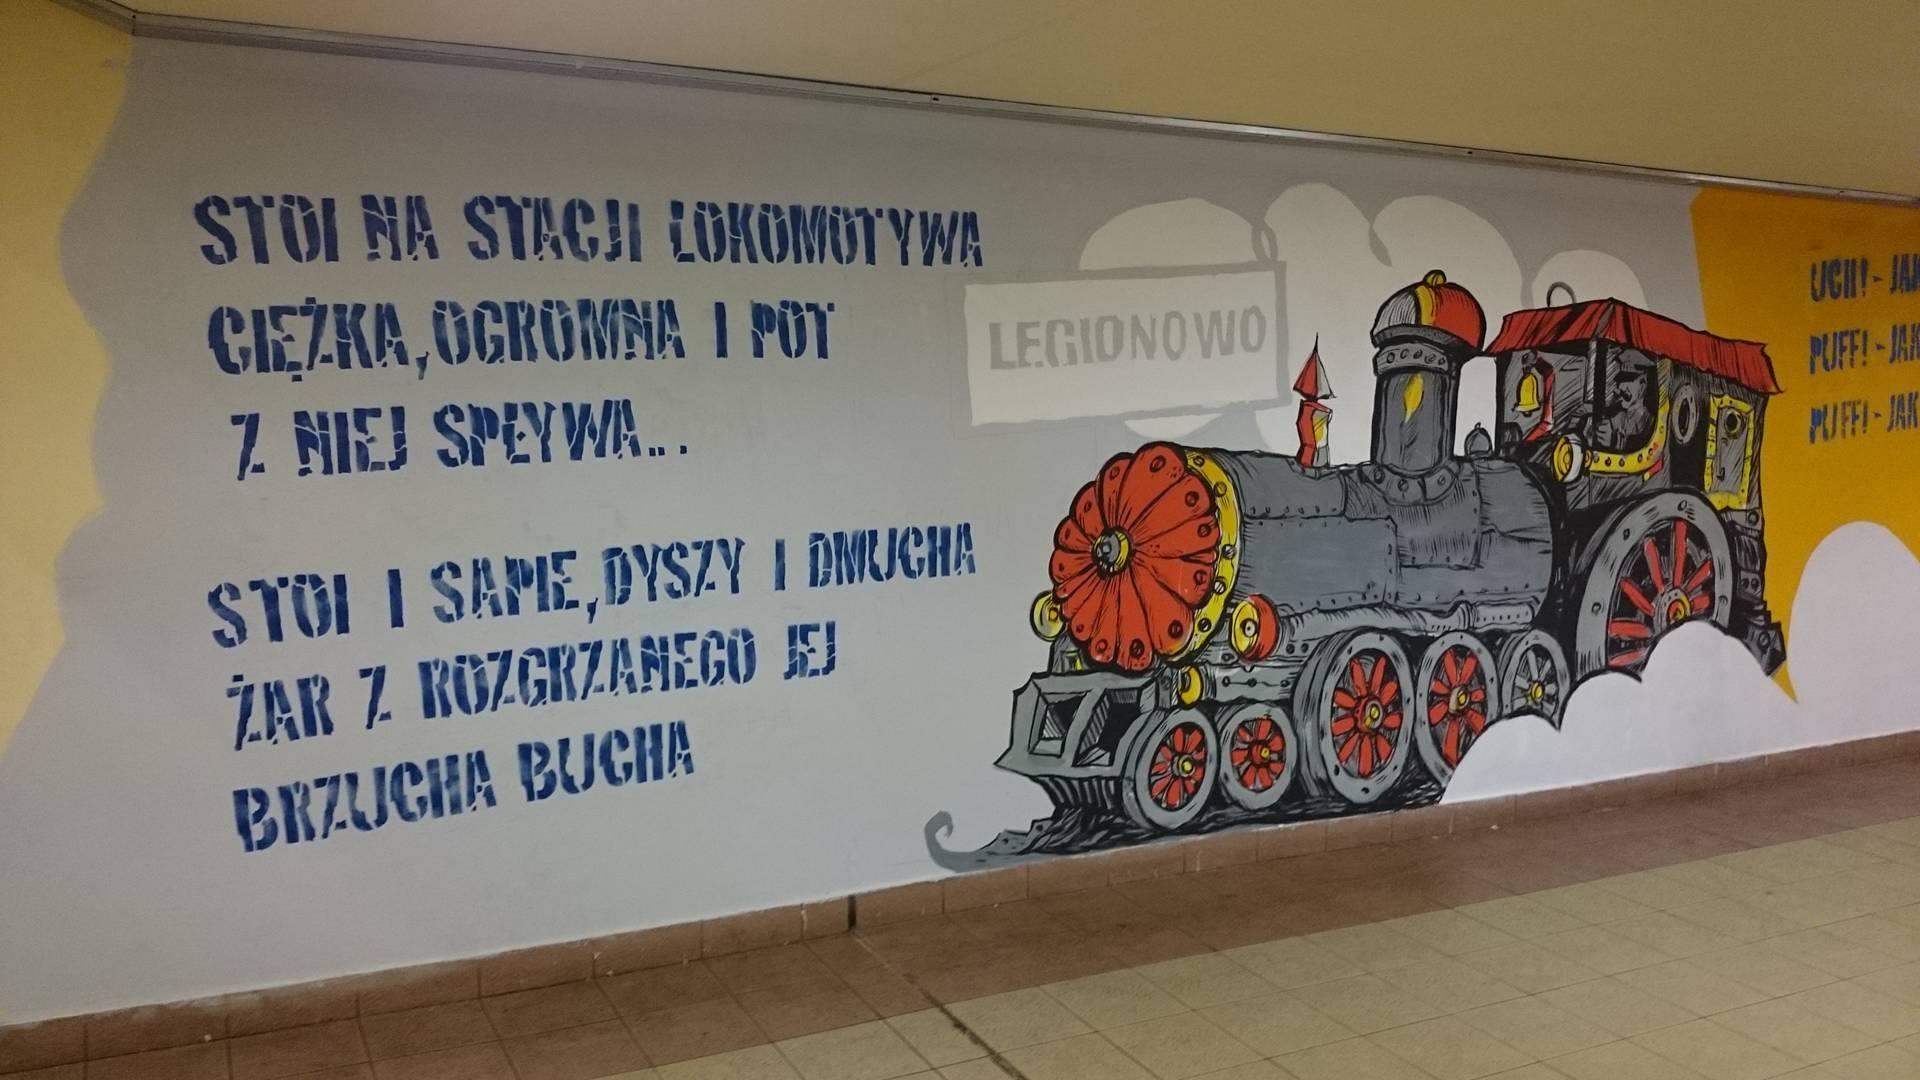 Lokomotywa ruszy a legionowo miejscowa for Mural legionowo